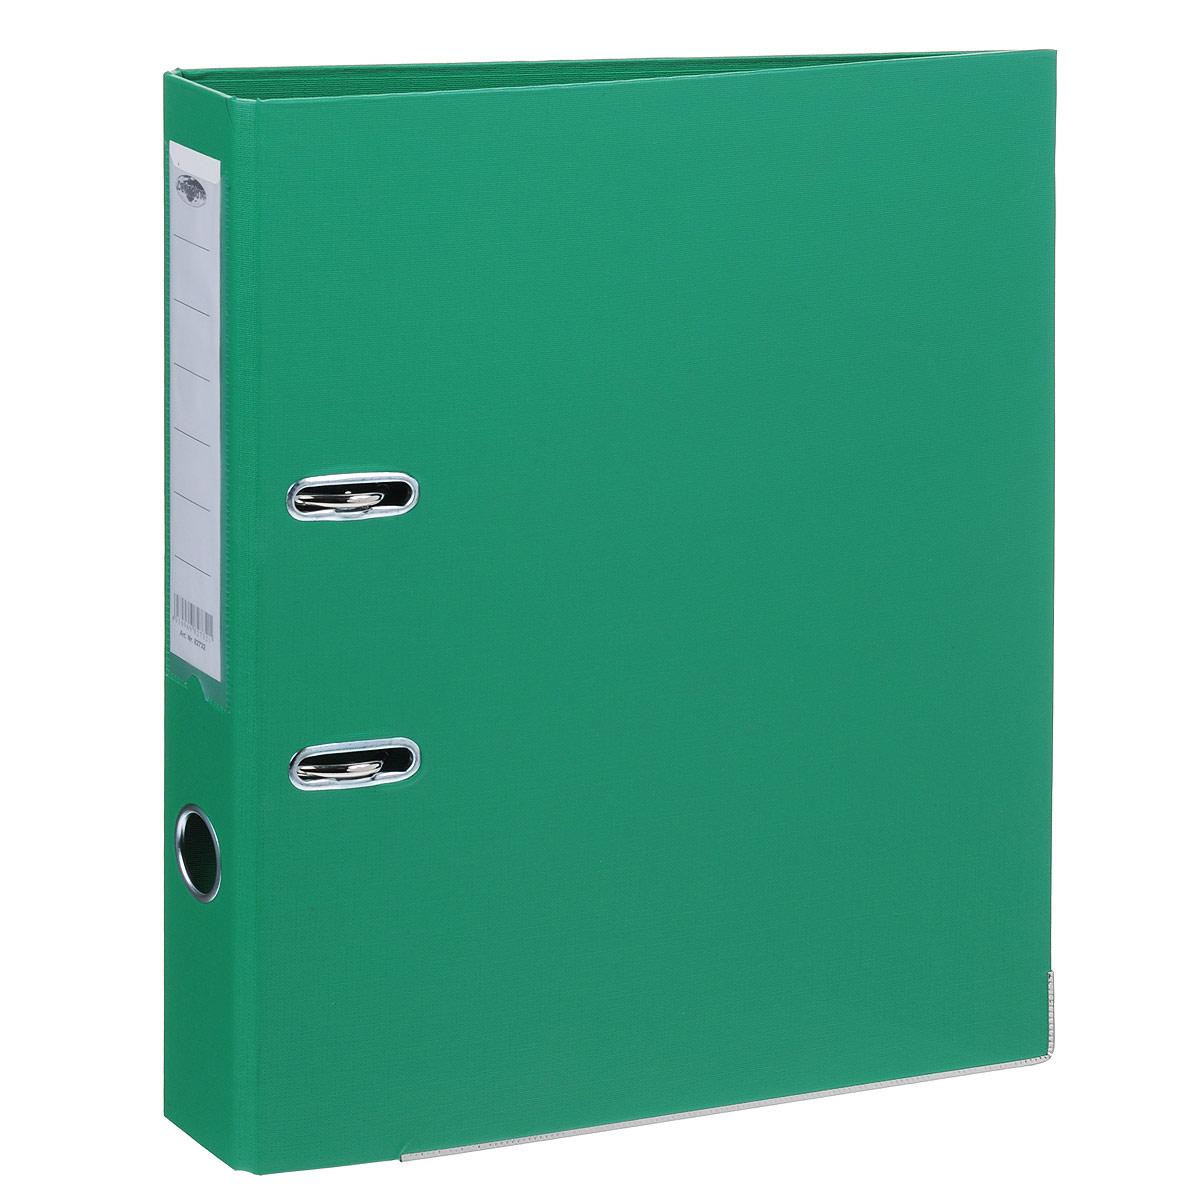 Папка-регистратор Centrum, ширина корешка 50 мм, цвет: зеленый82732Папка-регистратор Centrum пригодится в каждом офисе и доме для хранения больших объемов документов. Внешняя сторона папки выполнена из плотного картона с двусторонним ПВХ-покрытием, что обеспечивает устойчивость к влаге и износу. Нижняя кромка папки защищена от истирания металлической окантовкой. Папка-регистратор оснащена надежным арочным механизмом крепления бумаги. Круглое отверстие в корешке папки облегчит ее извлечение с полки, а прозрачный карман со съемной этикеткой позволяет маркировать содержимое. Ширина корешка 5 см.